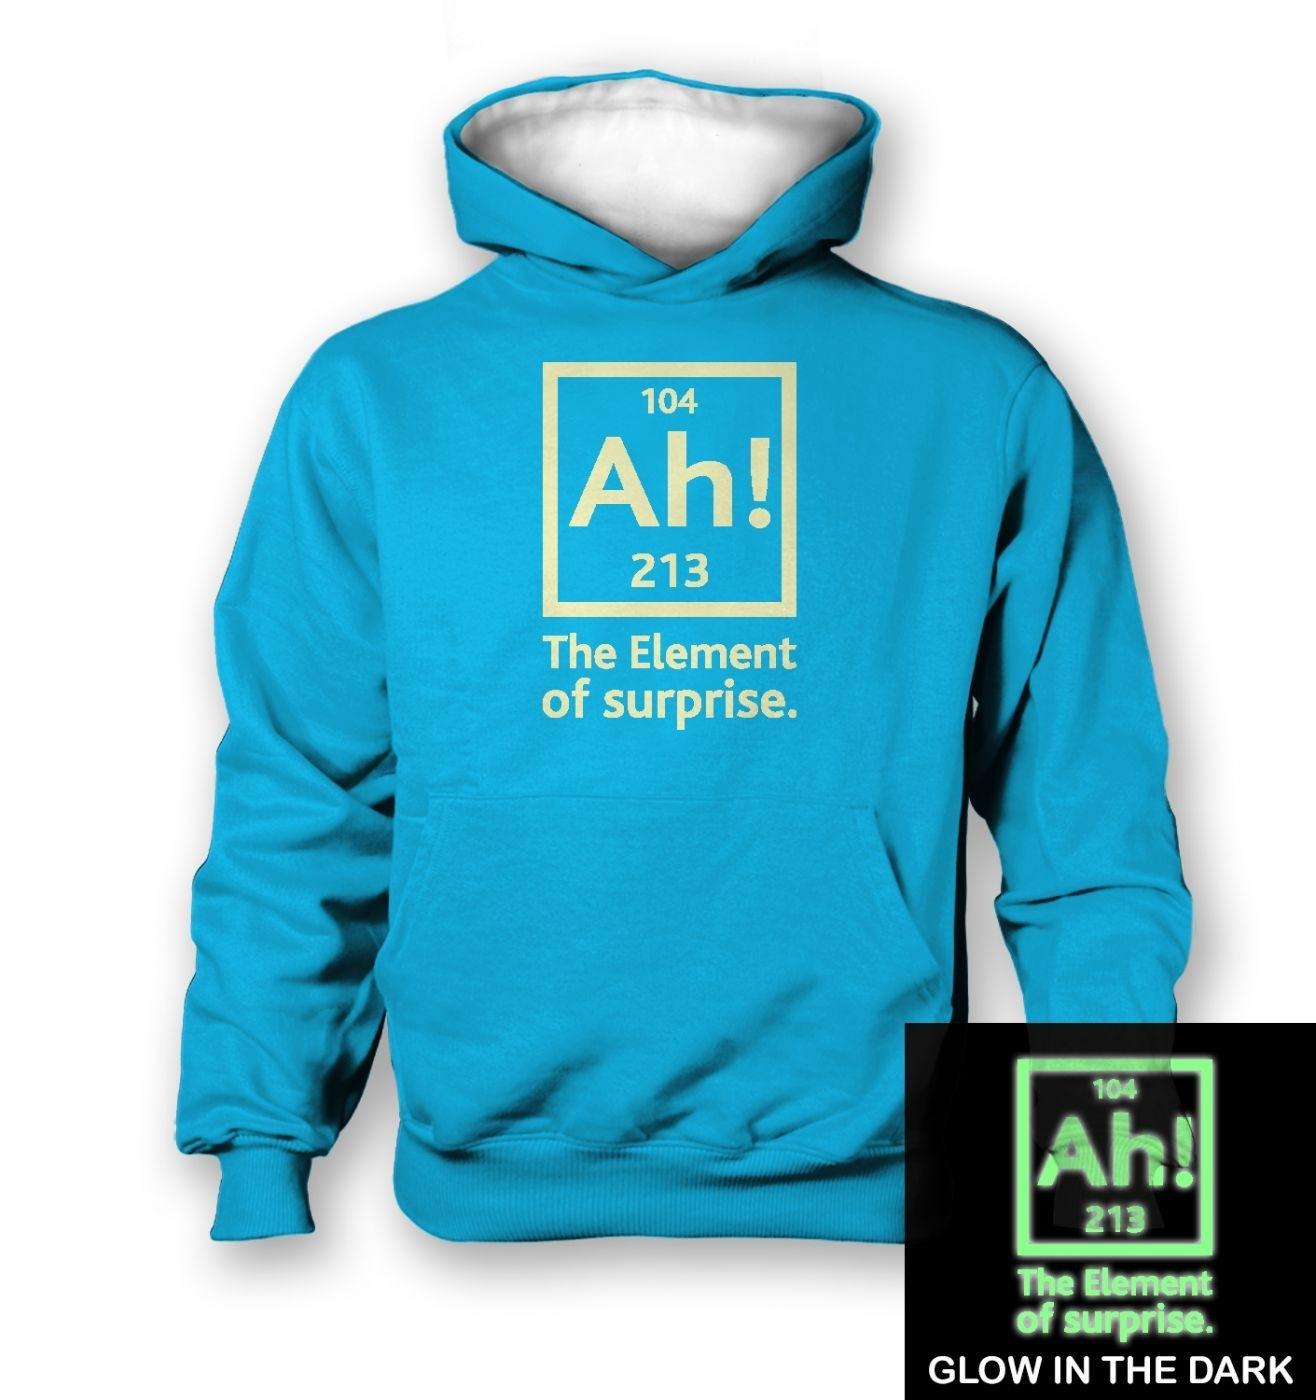 b9225bf5c Ah! The Element of Surprise (glow in the dark) kids' hoodie ...